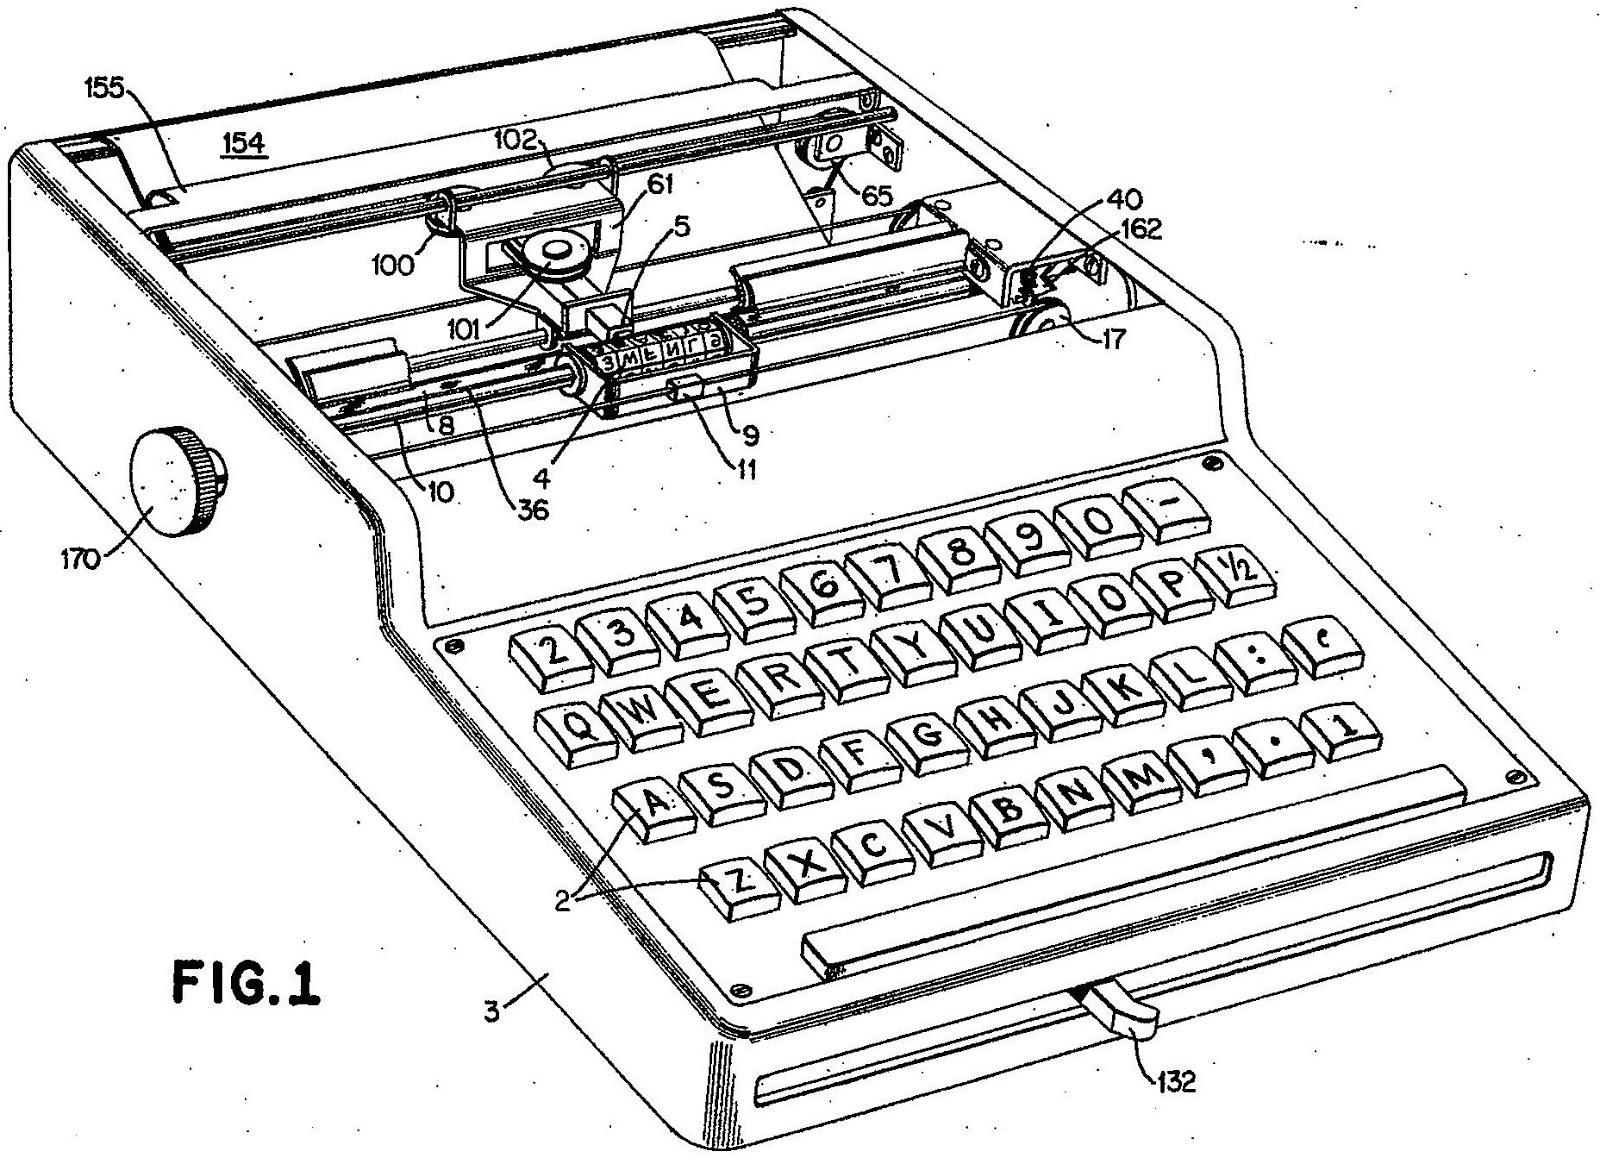 oz.Typewriter: On This Day in Typewriter History: IBM's